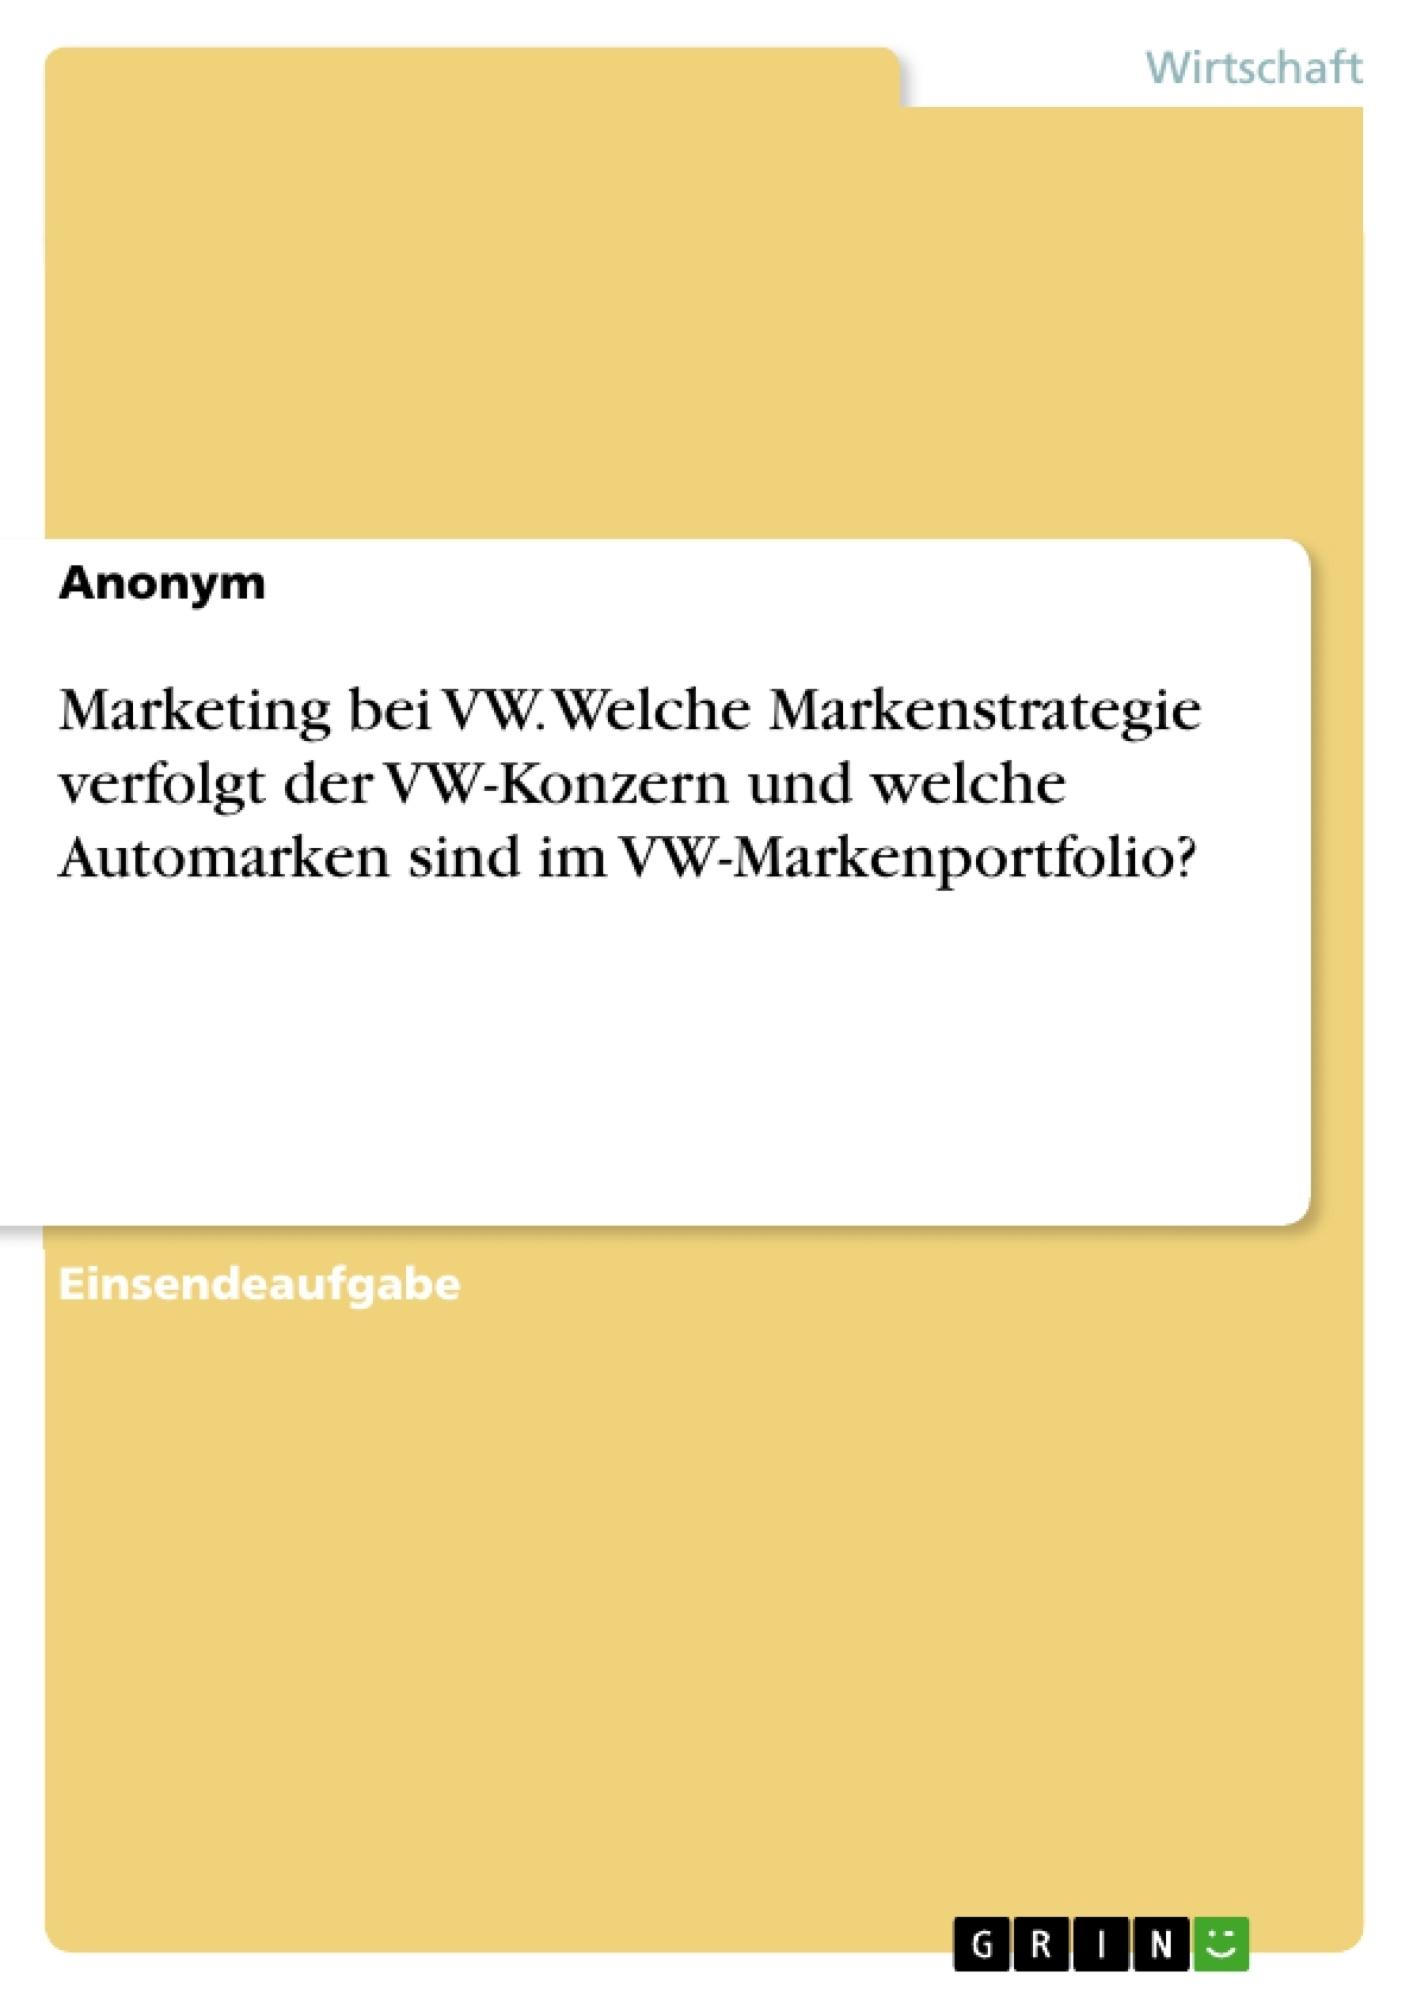 Titel: Marketing bei VW. Welche Markenstrategie verfolgt der VW-Konzern und welche Automarken sind im VW-Markenportfolio?